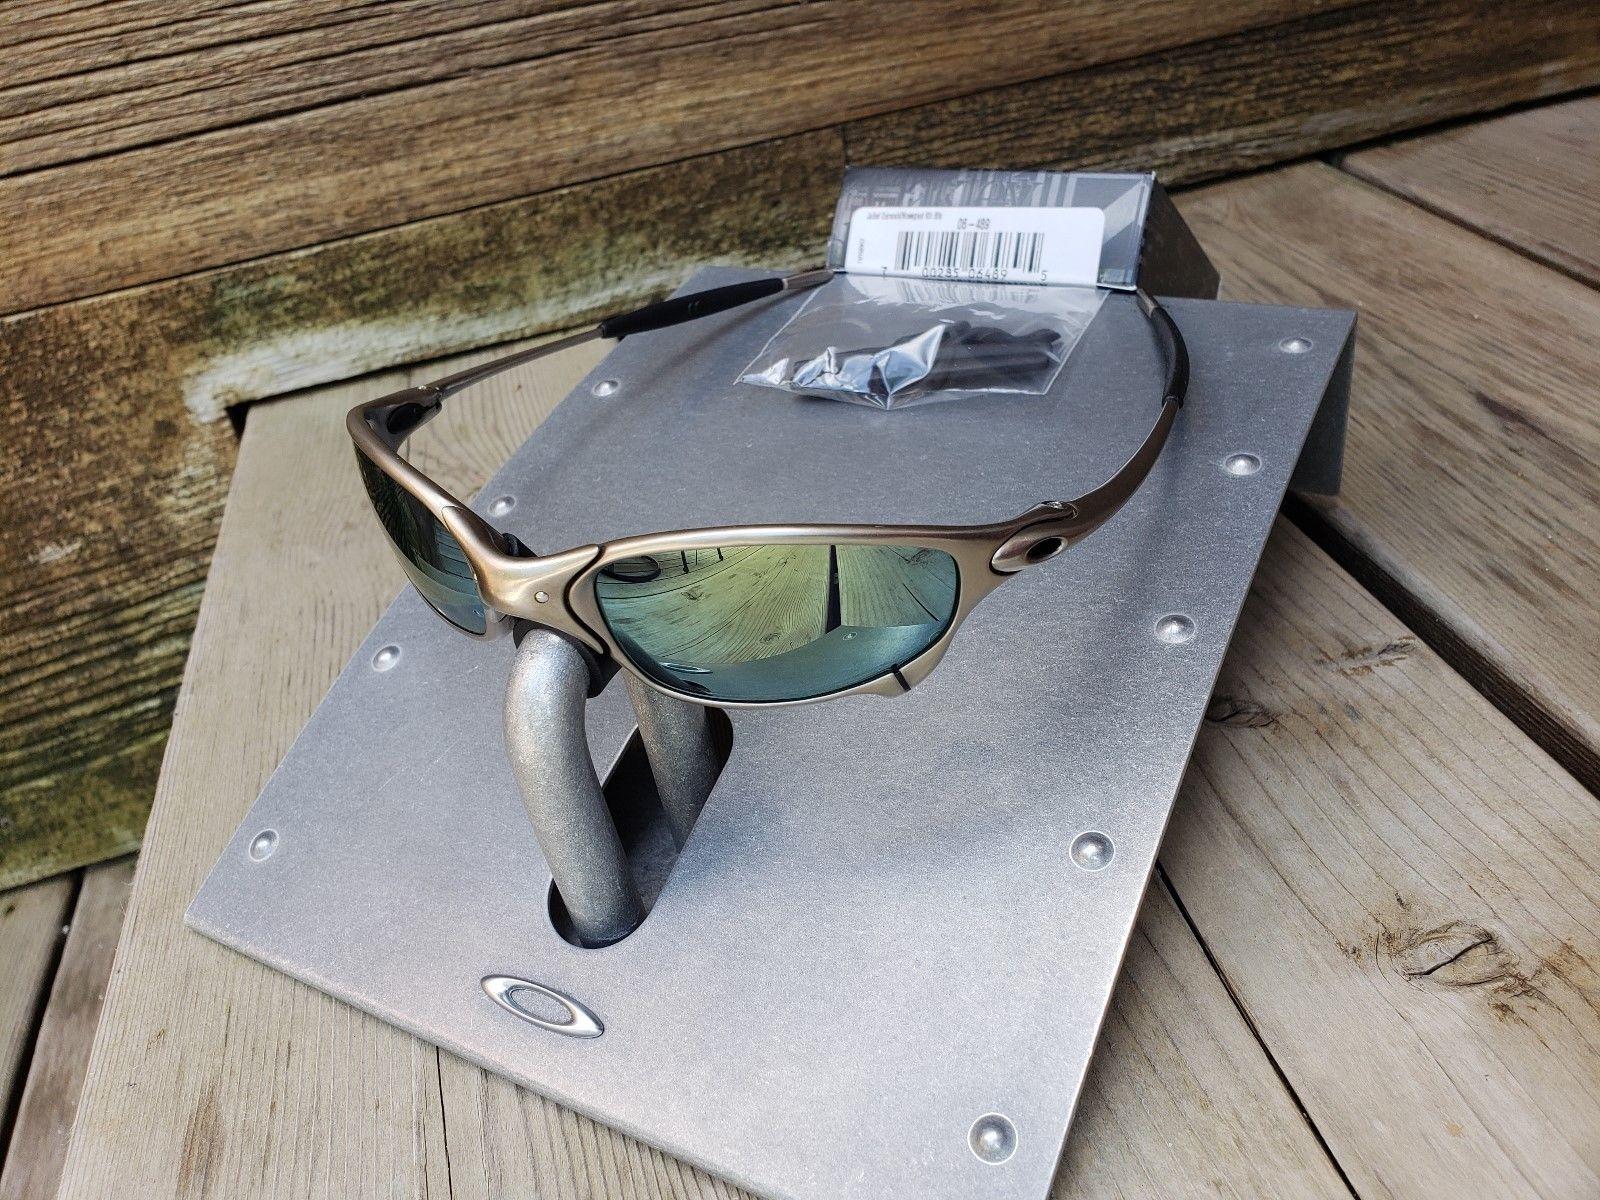 97f44992f5 Oakley Juliet X-Metal Plasma   Emerald Sunglasses Serialized Titanium (eBay  Link)